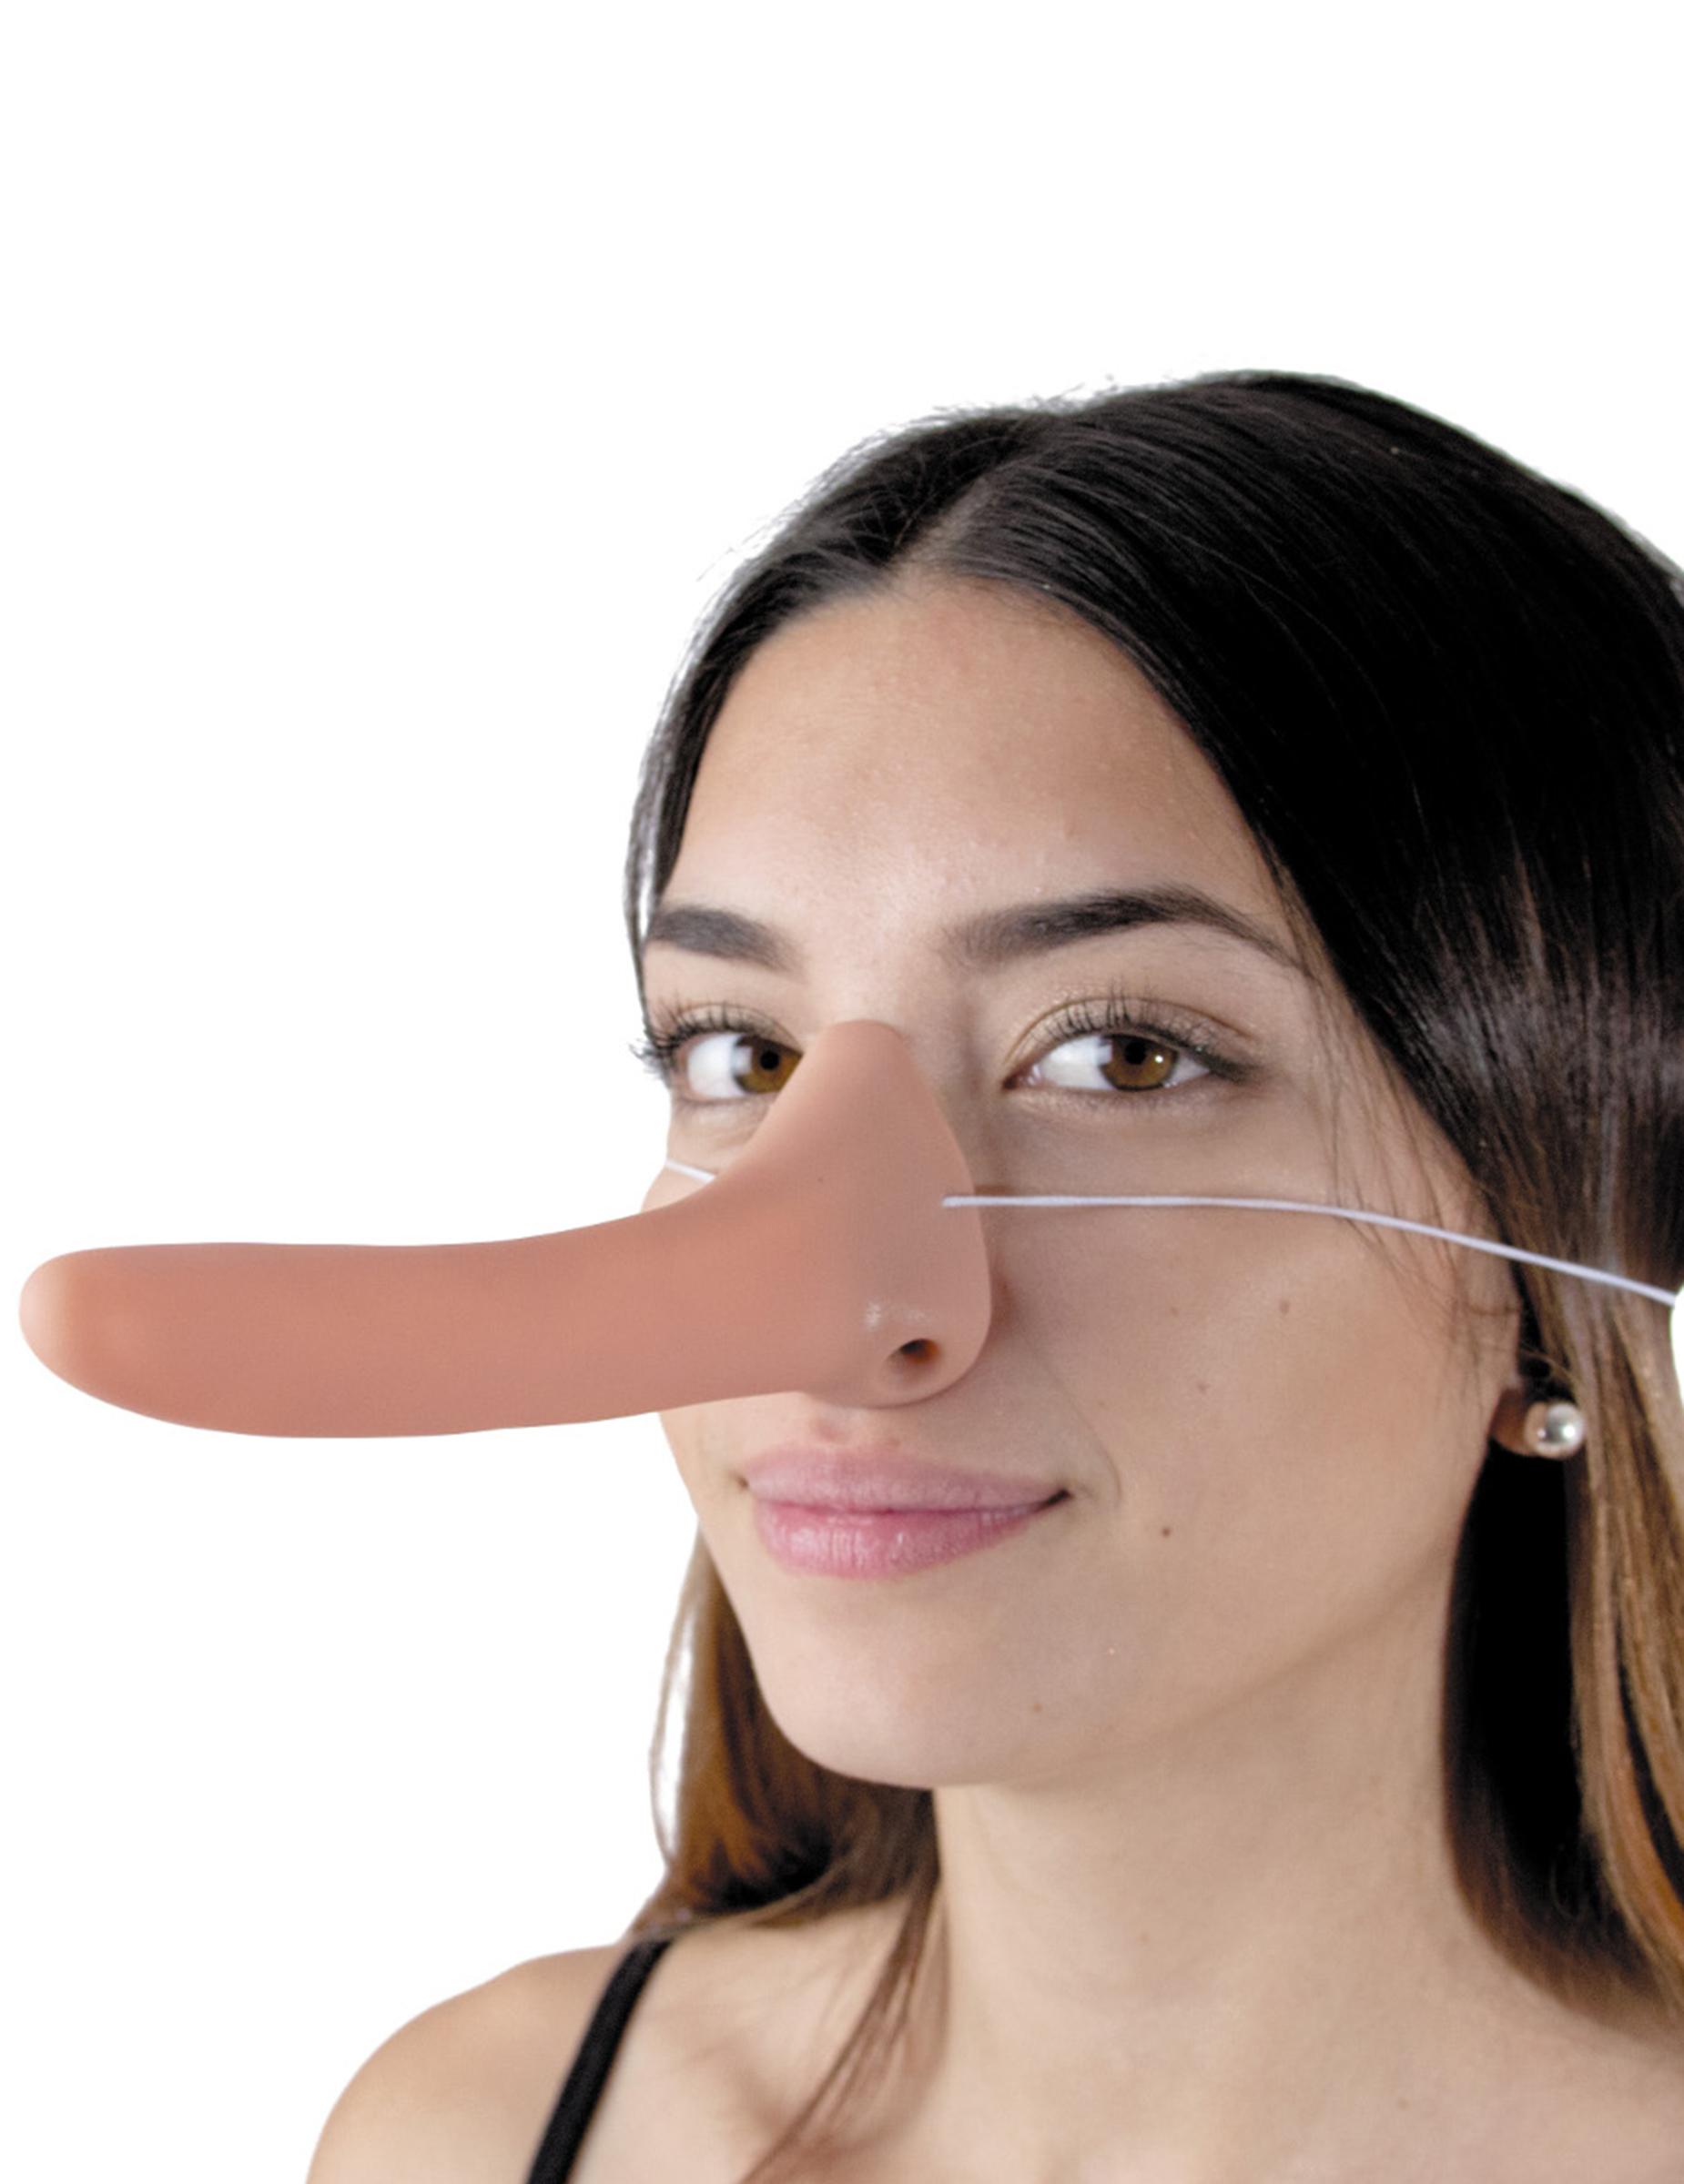 Maschera mezzo viso con naso lungo euro